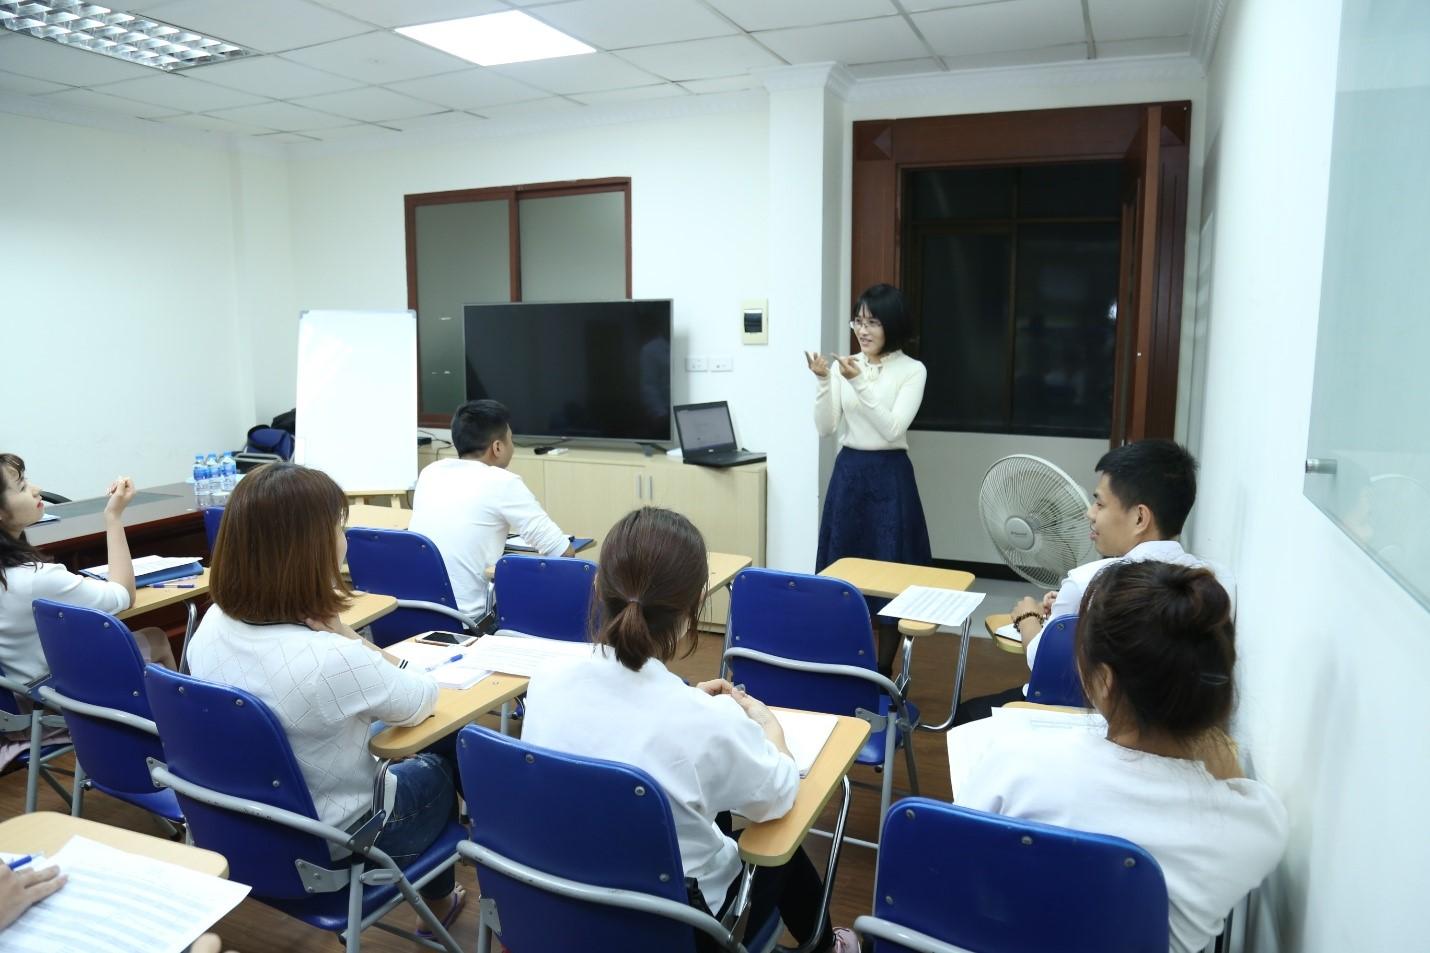 VNPAY tổ chức lớp học tiếng anh nội bộ doanh nghiệp